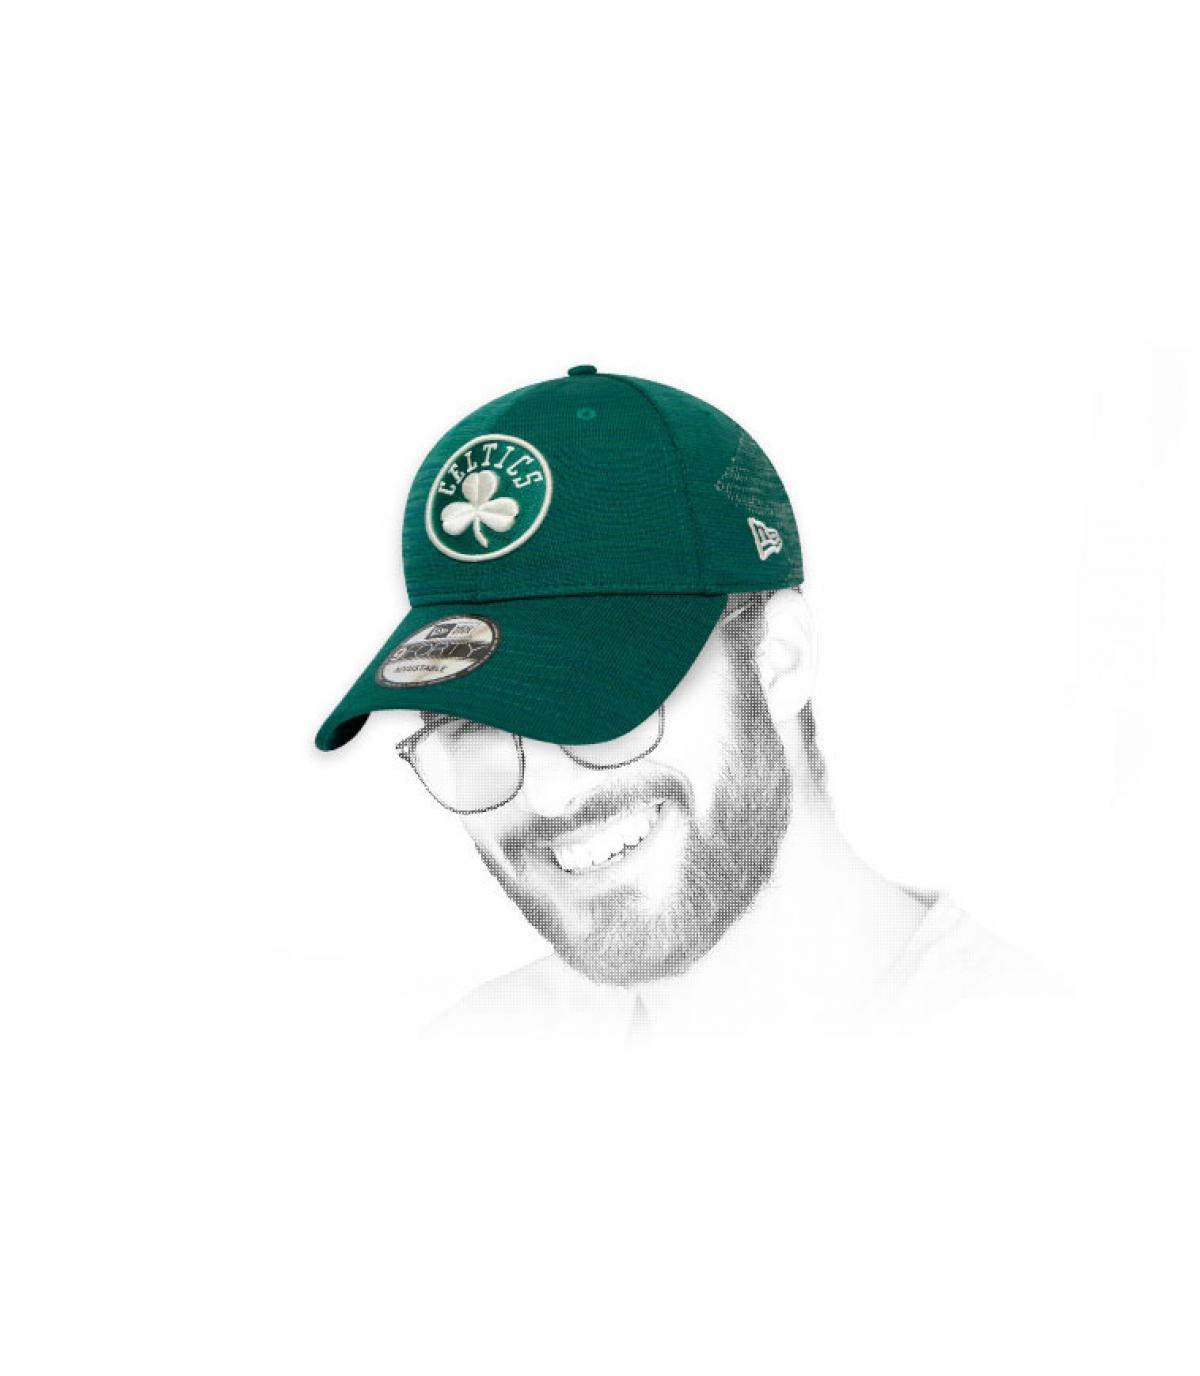 Cappellino verde Celtics